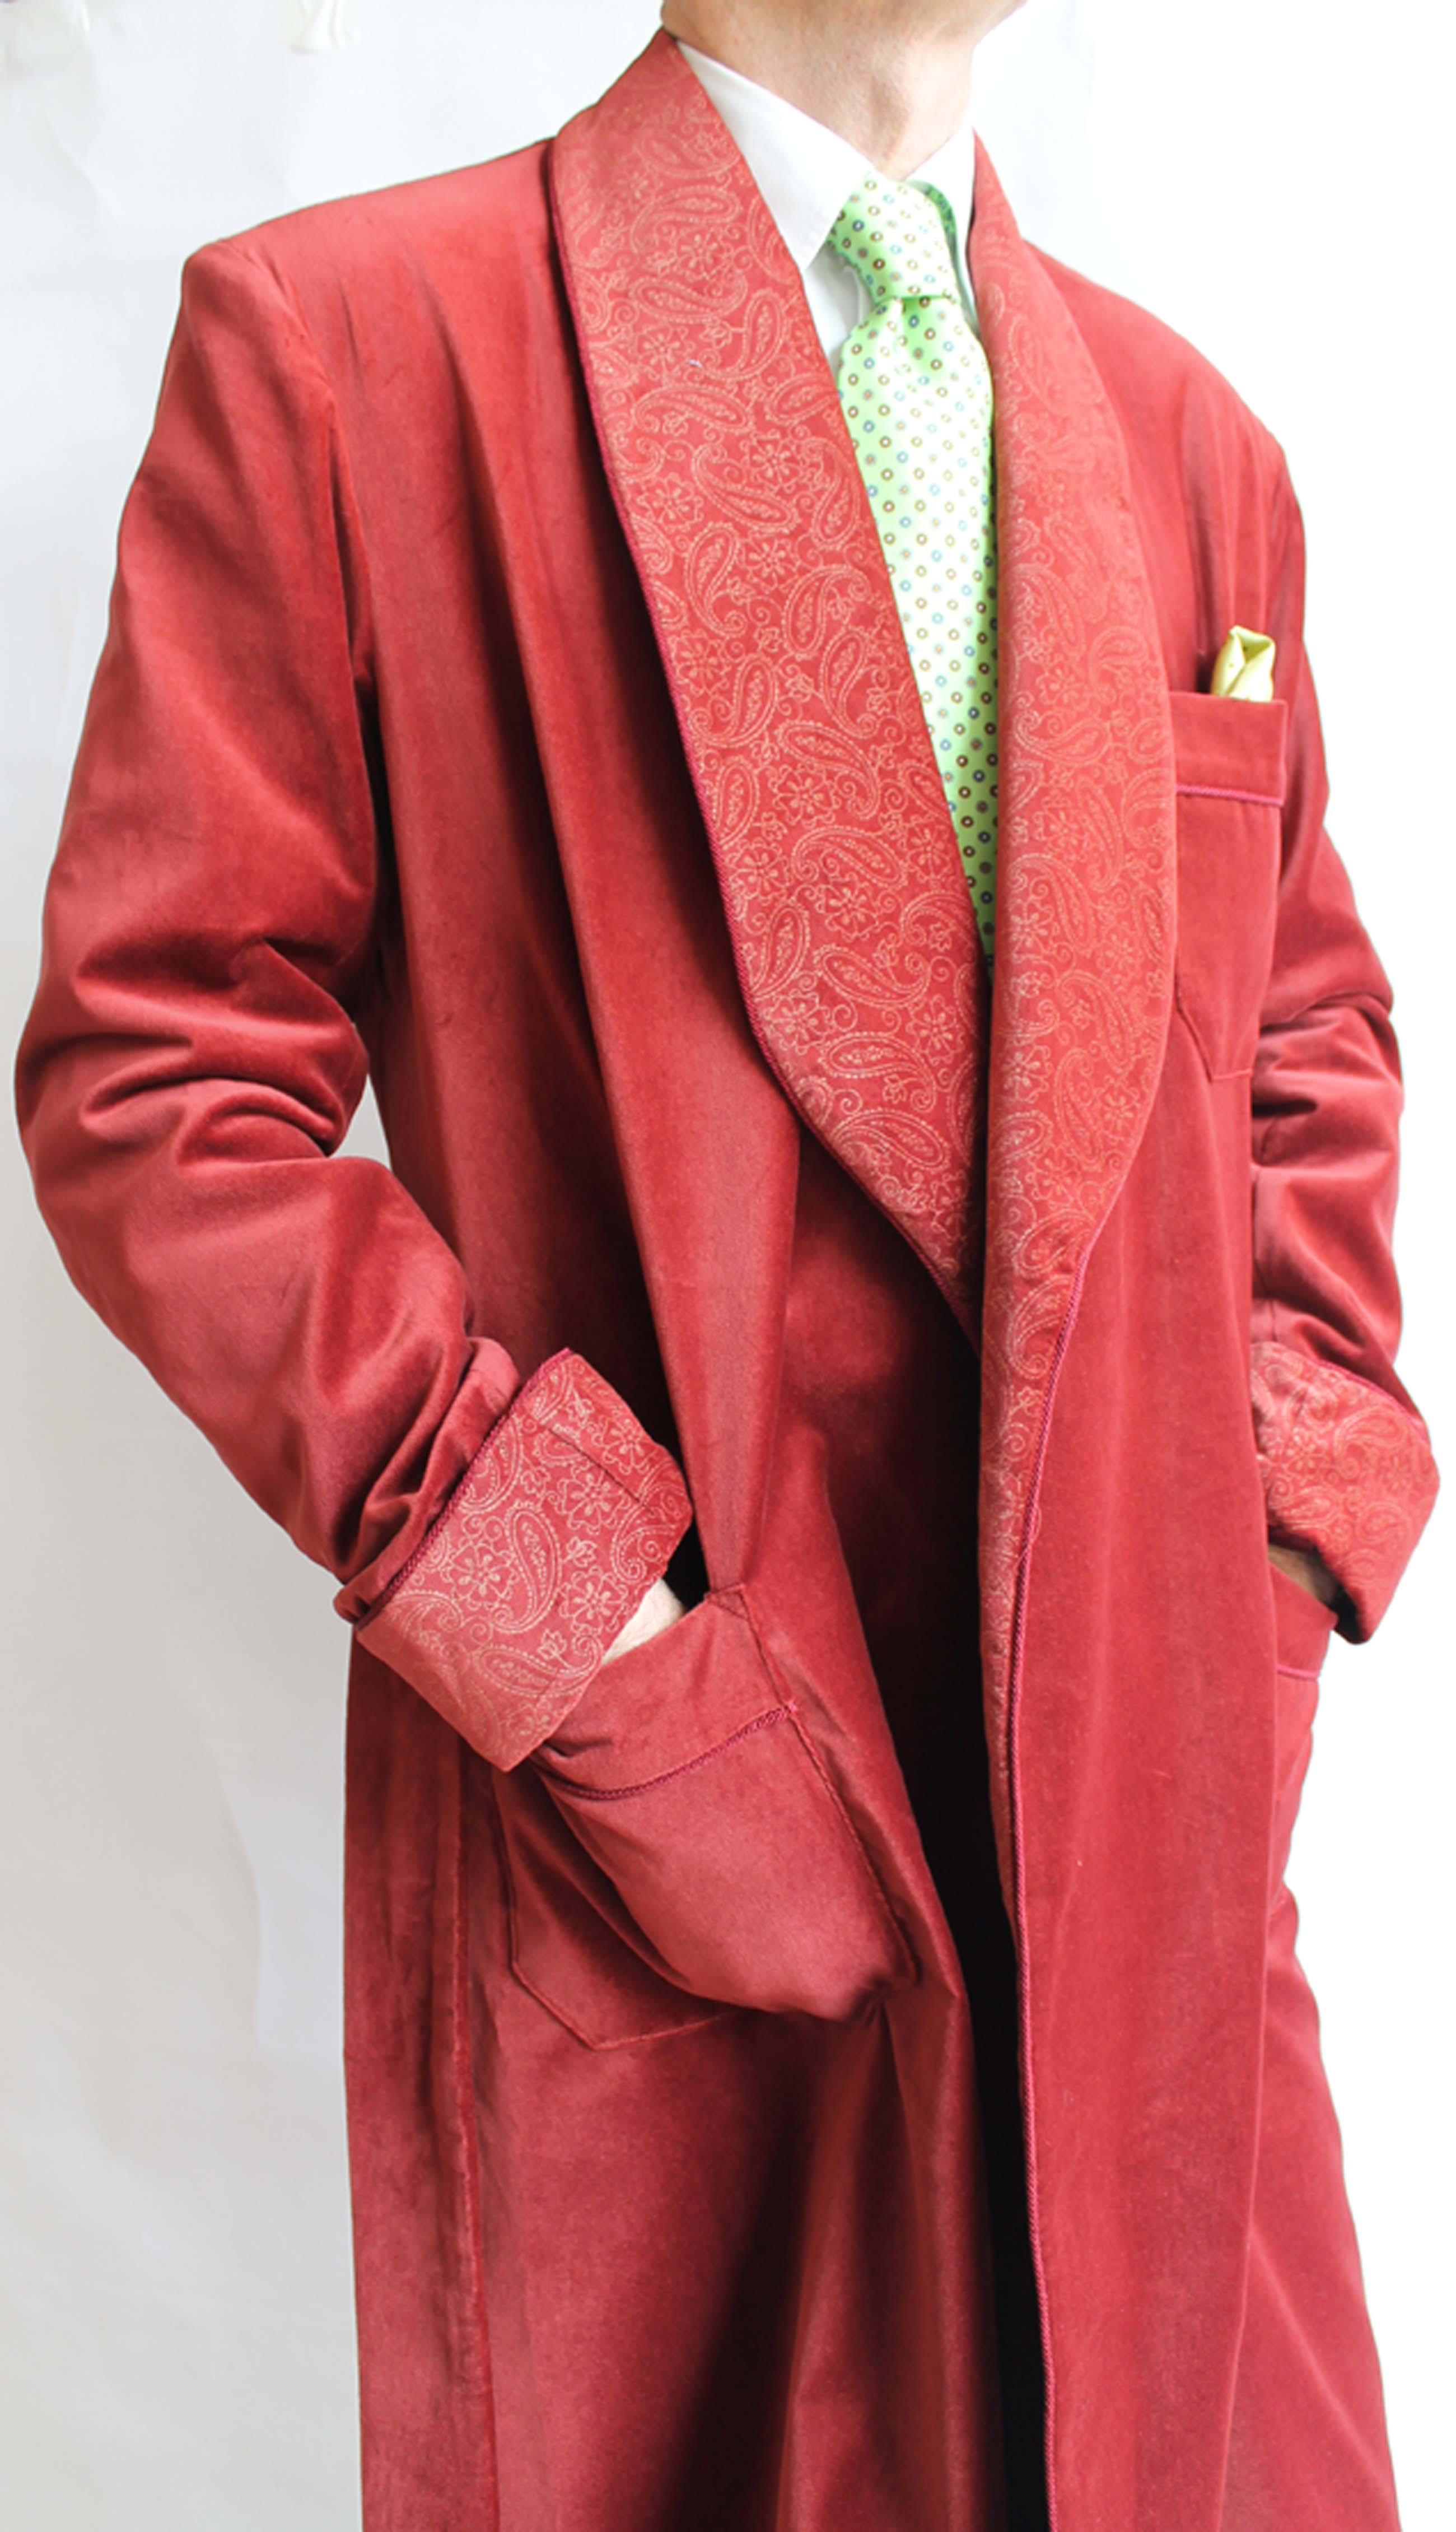 COTTON VELVET CLASSIC DRESSING GOWN FOR MAN FULLY LINED IN BEMBERG ...